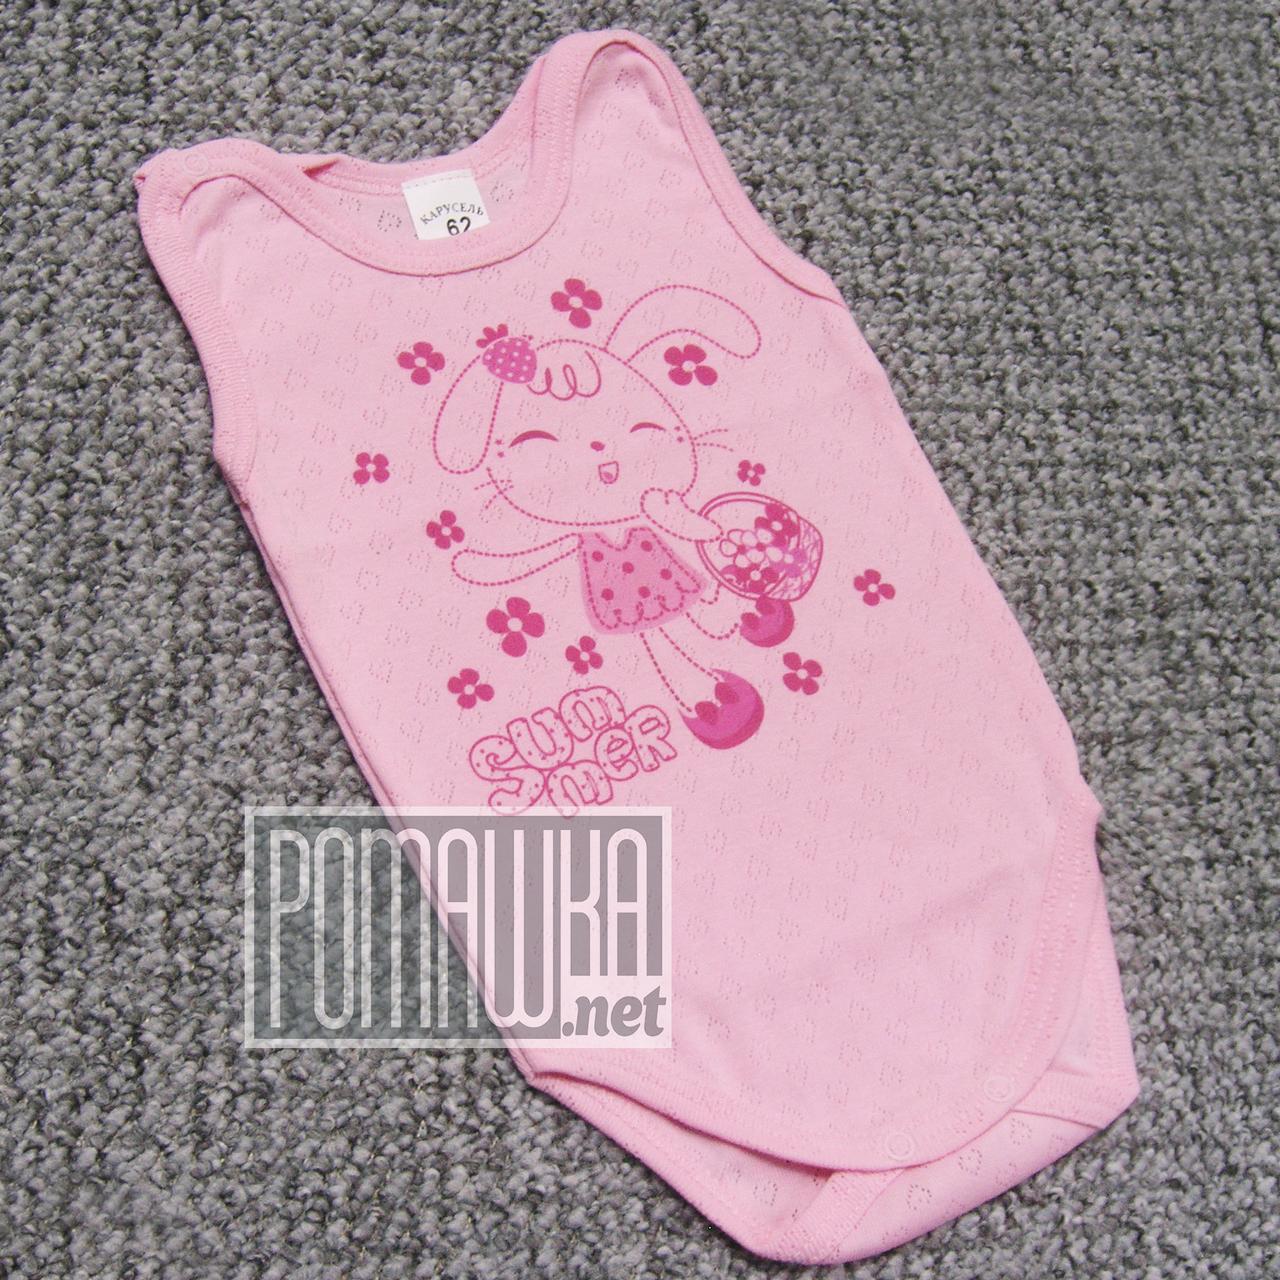 Детское боди майка р 62 1 2 3 мес с дырочками для девочки малышей тонкое летнее на лето МУЛЬТИРИП 4784 Розовый